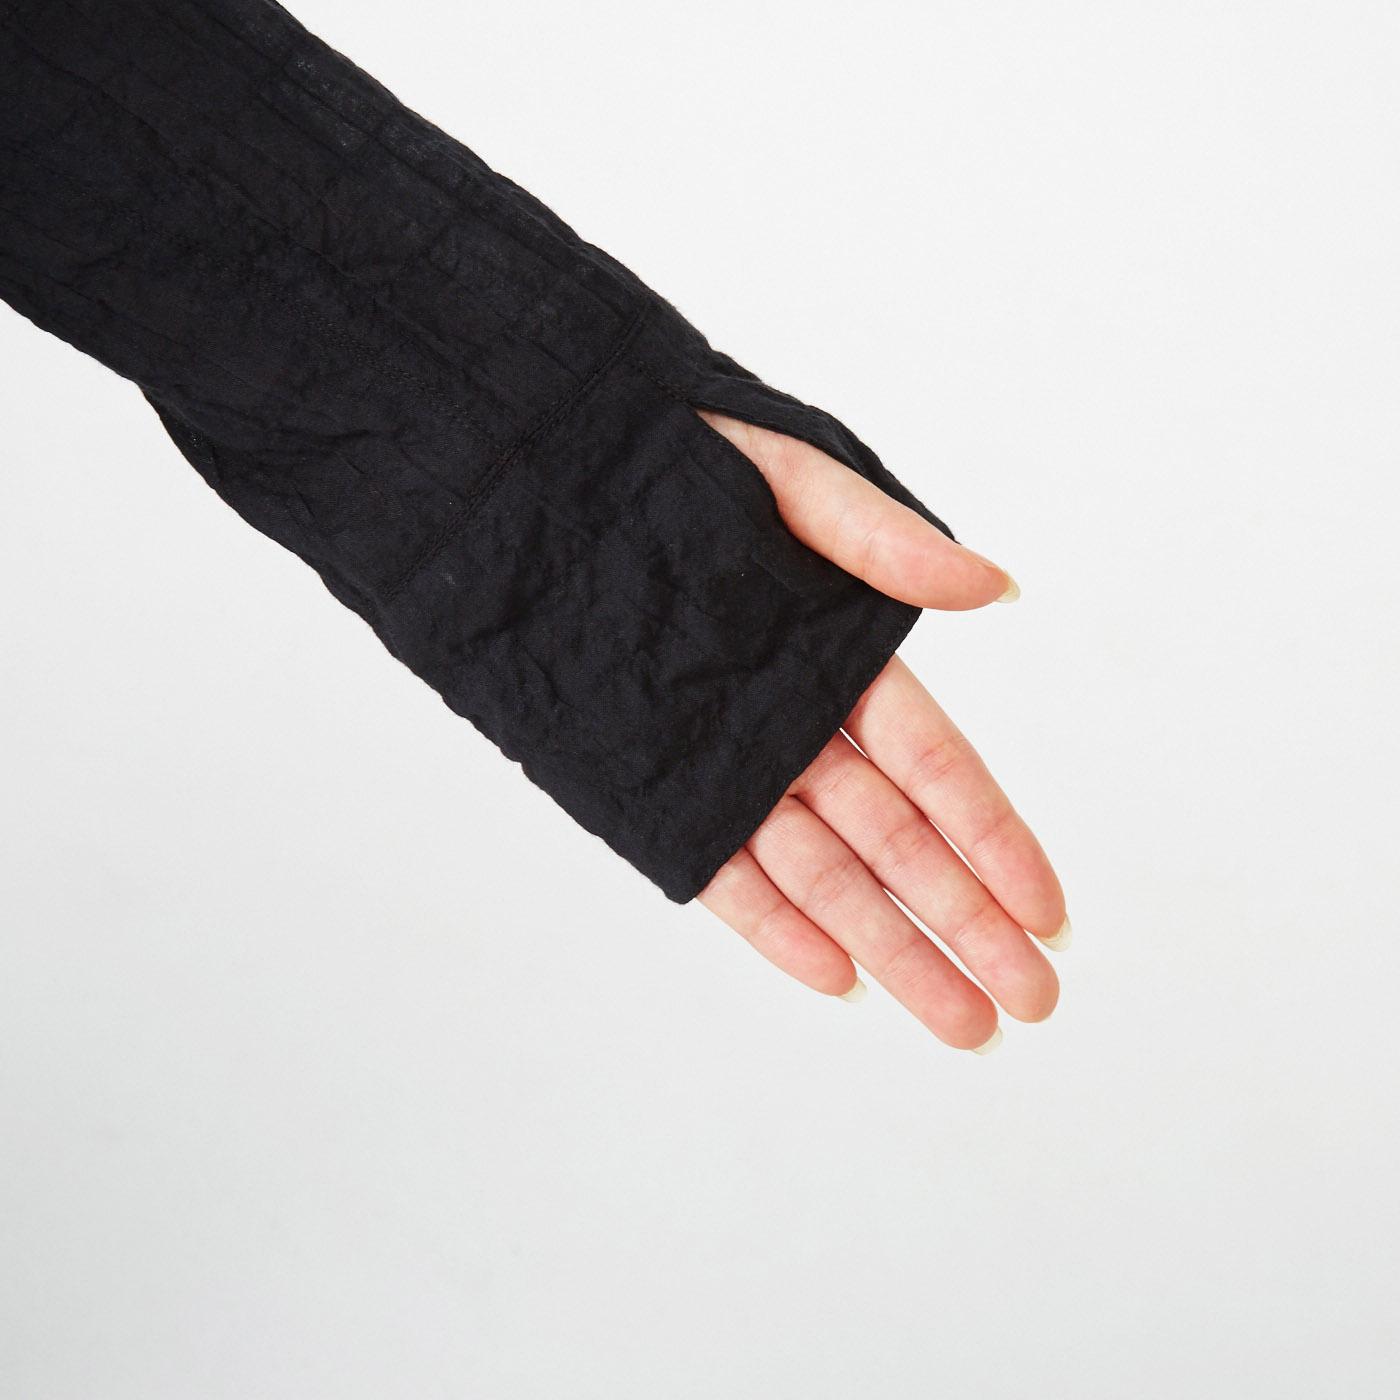 便利な親指スリット付き。